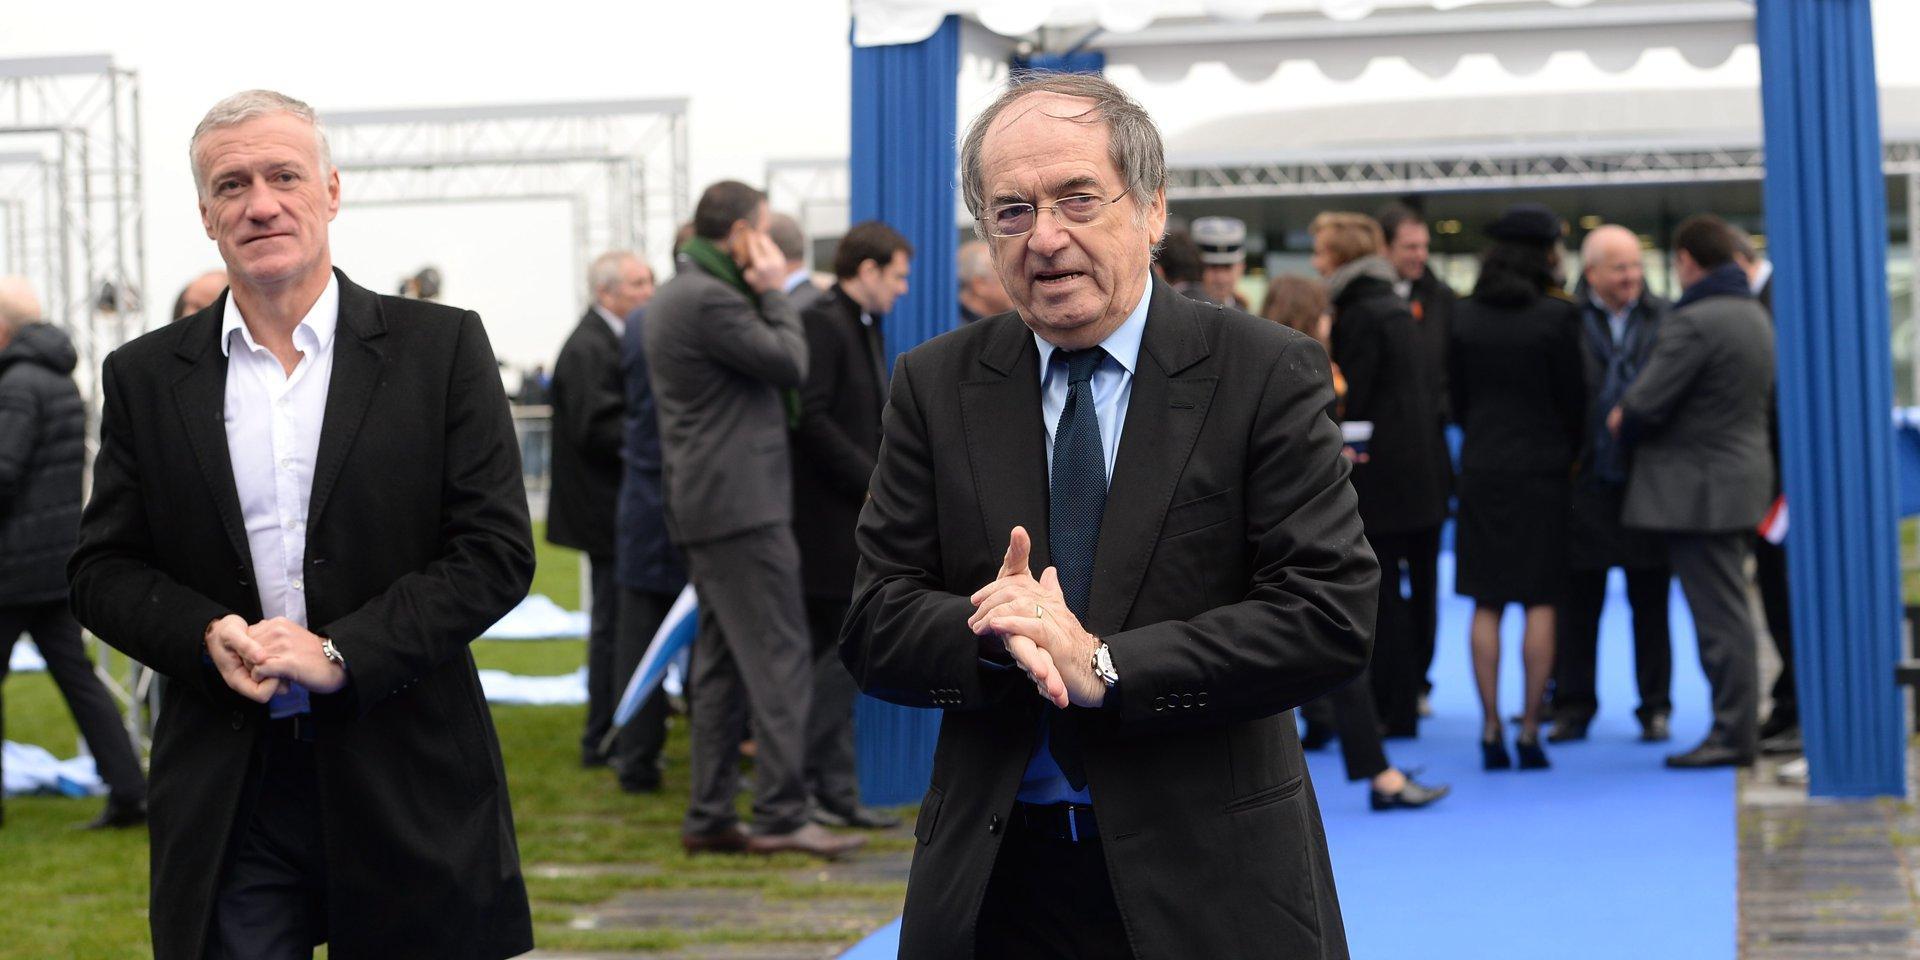 法足协主席:我对本泽马没有恶意,但他的国家队生涯已经结束了